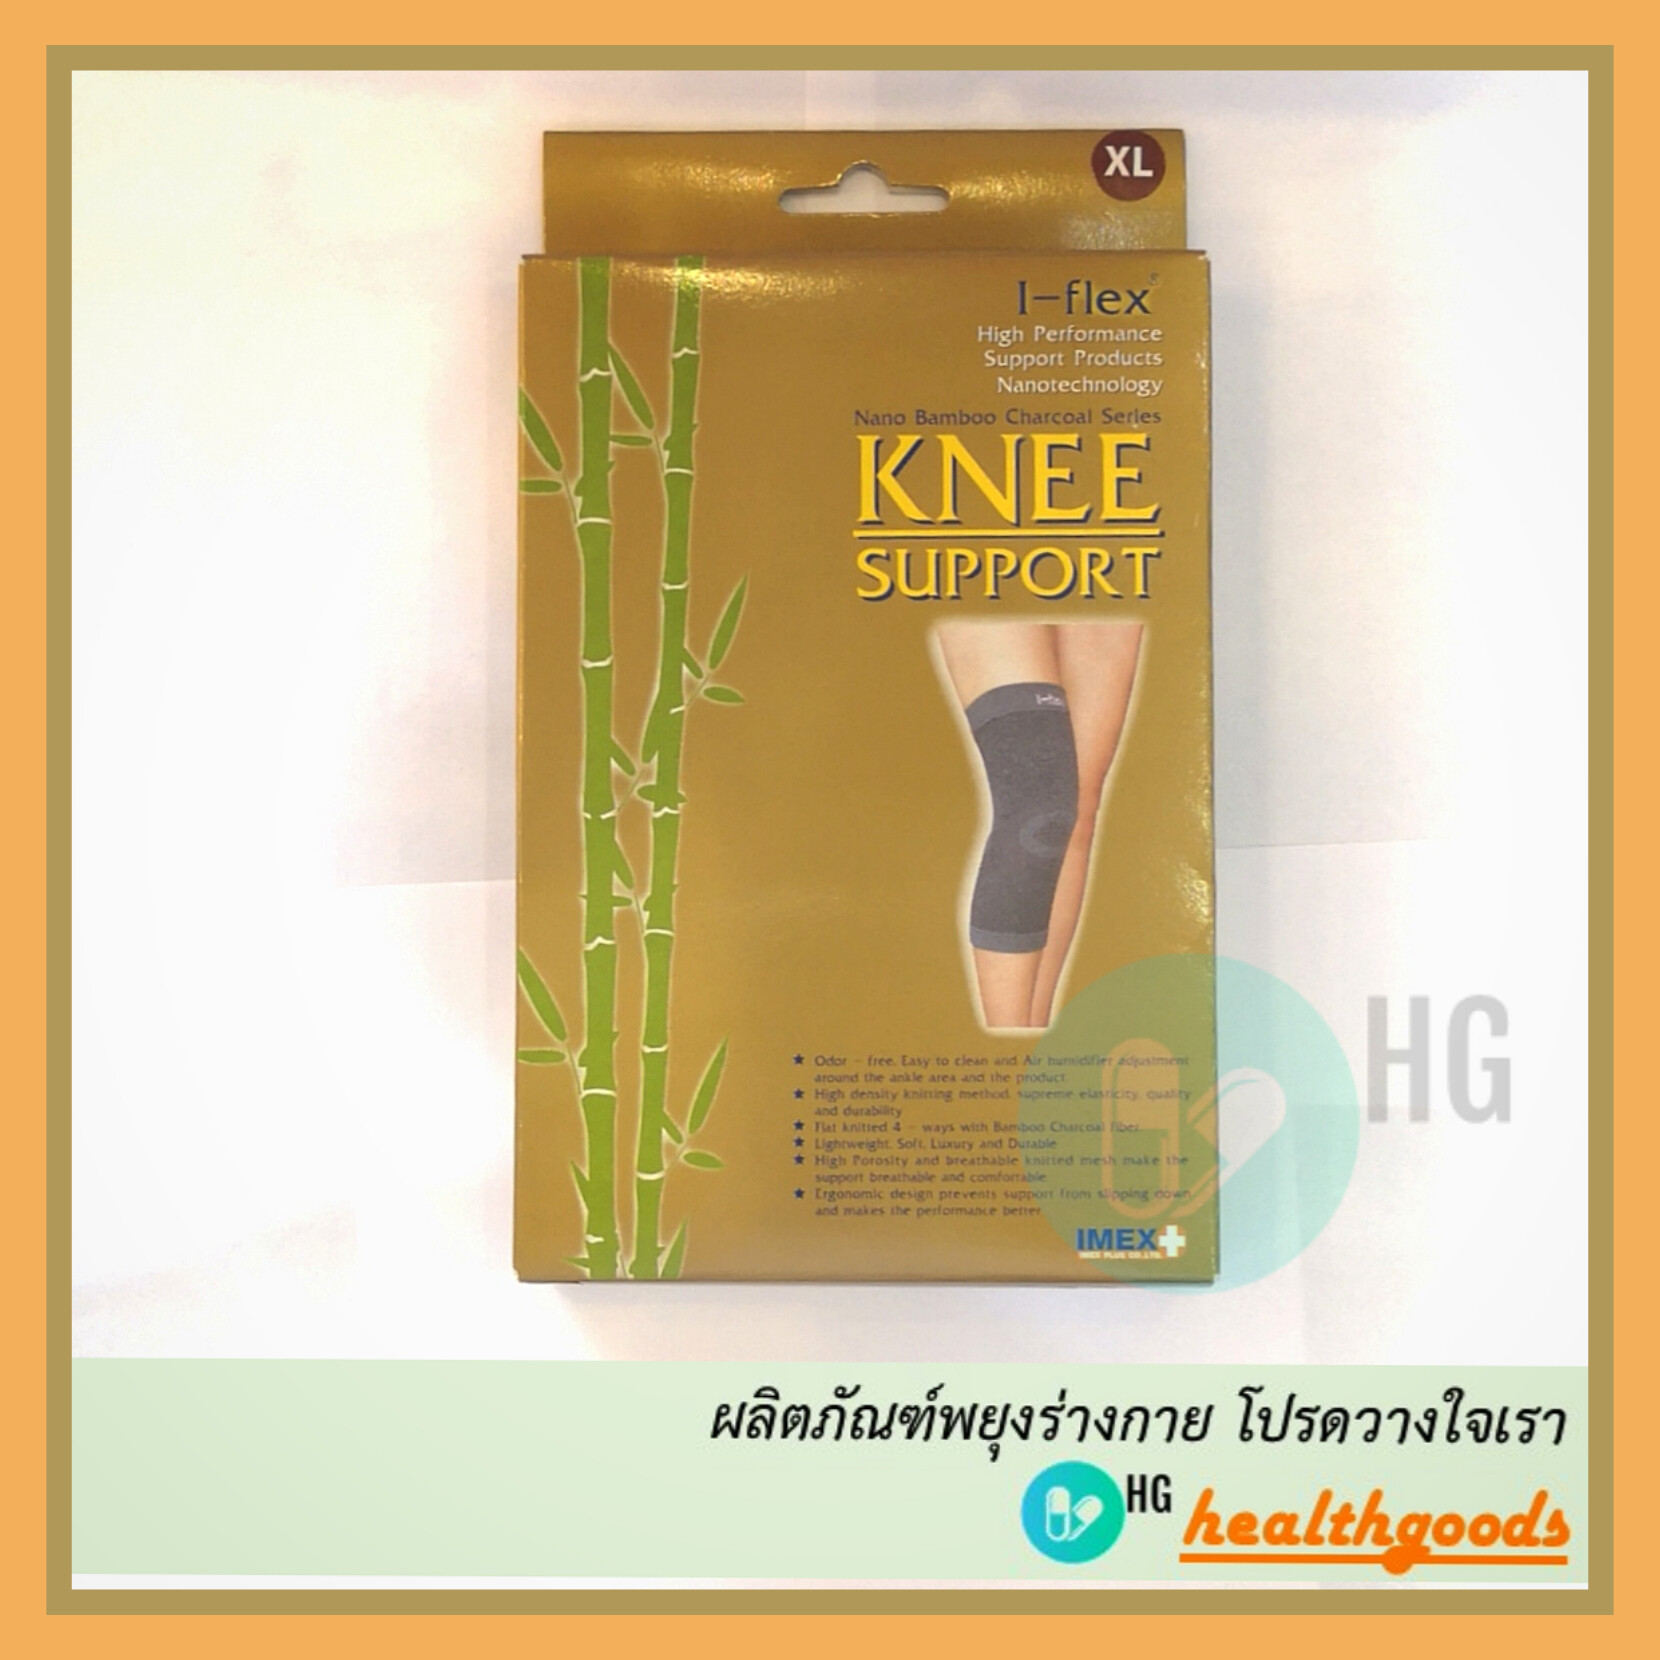 I-Flex Knee Bamboo Support อุปกรณ์พยุงเข่าป้องกันการบาดเจ็บเข่า.